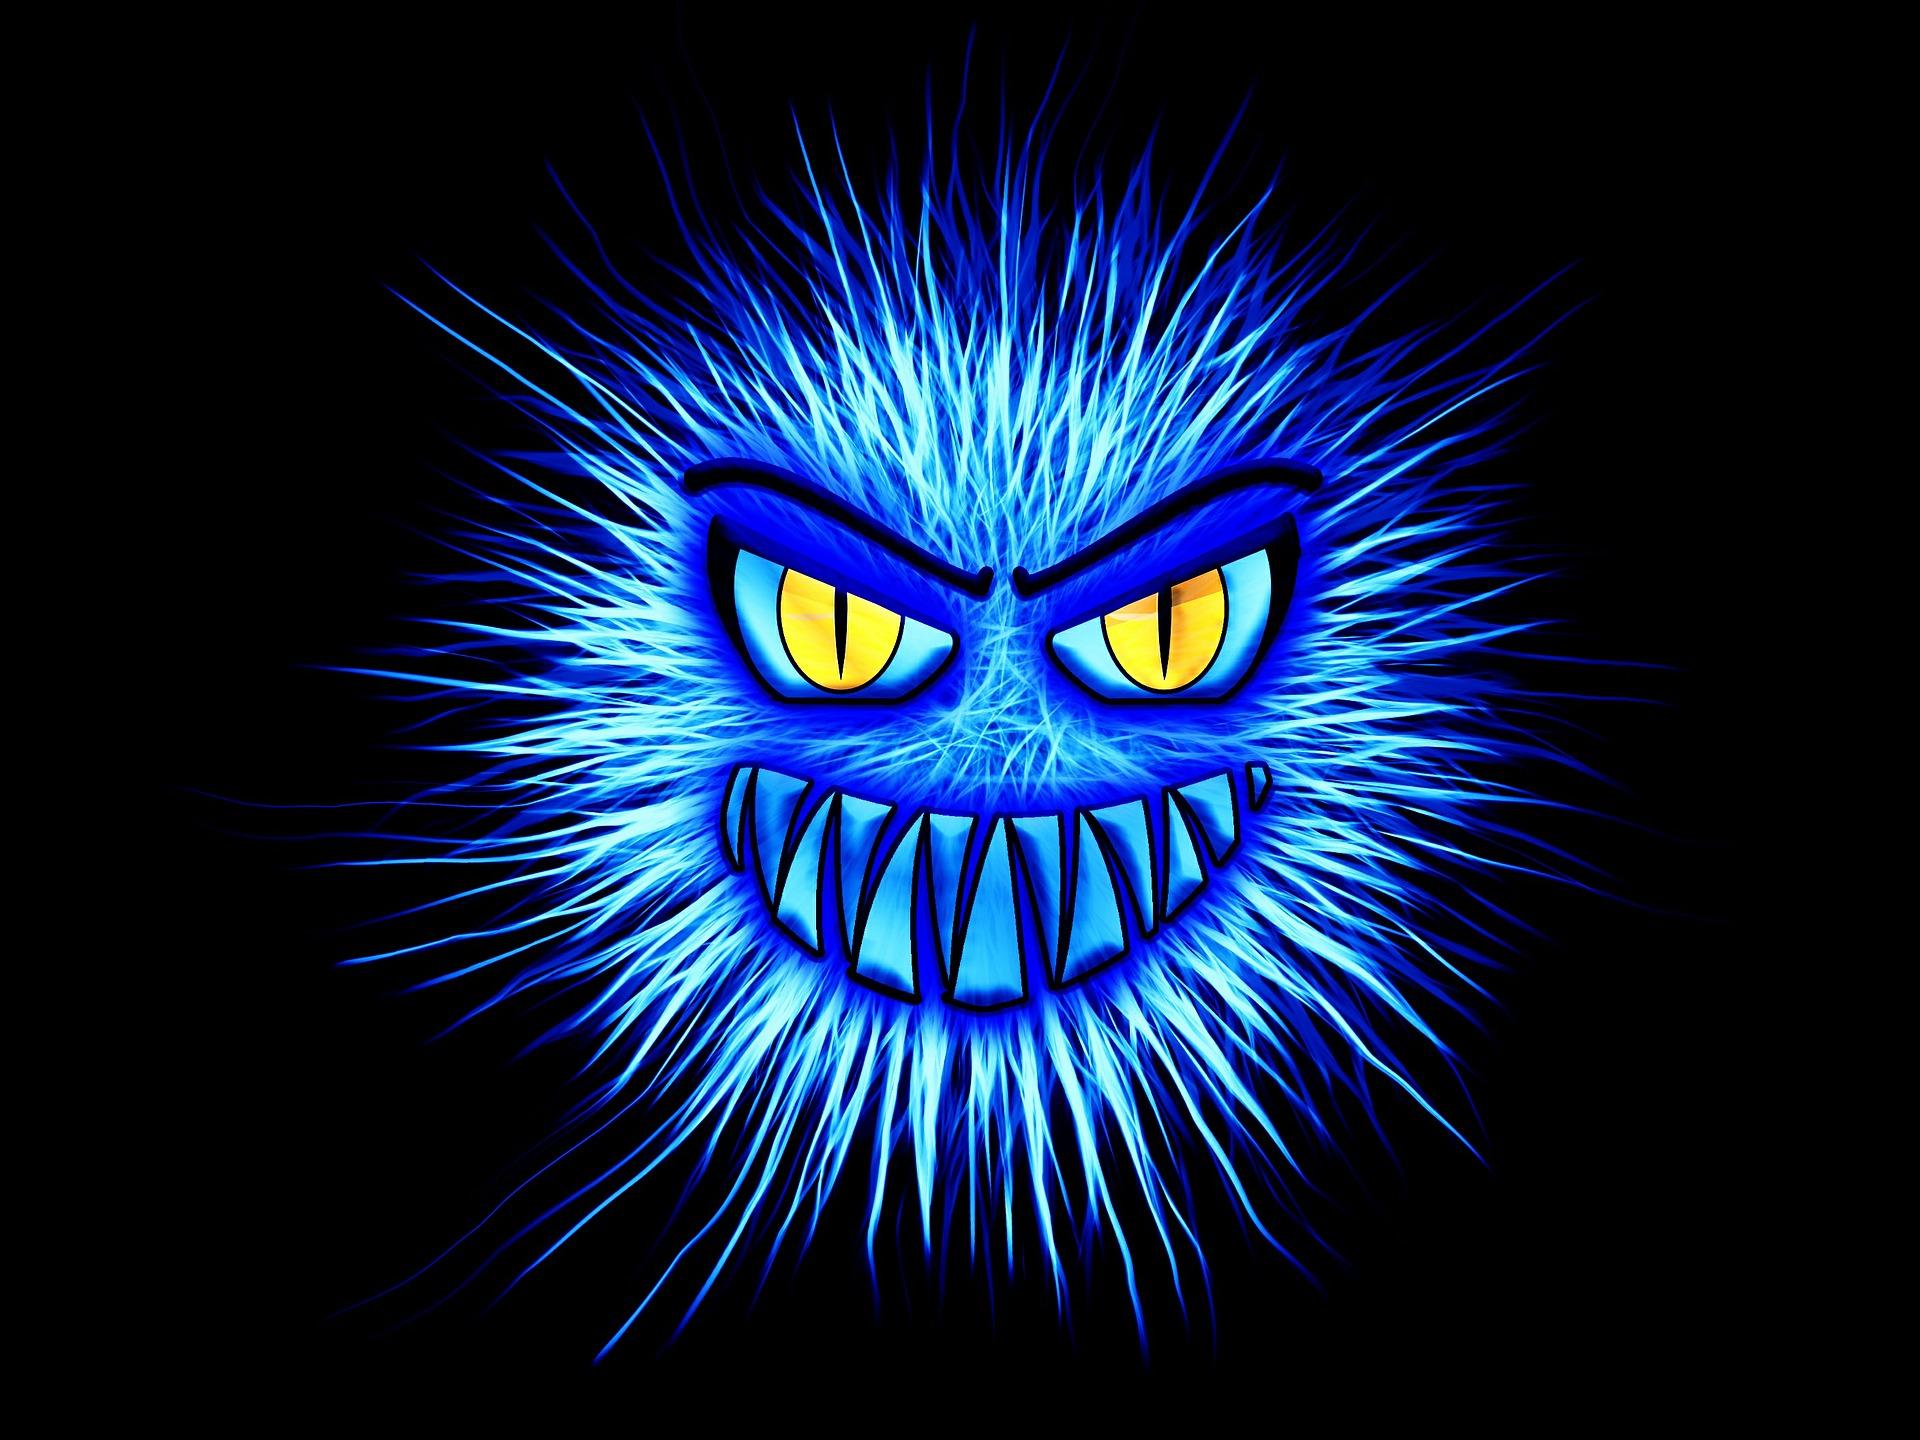 monster-426995_1920.jpg